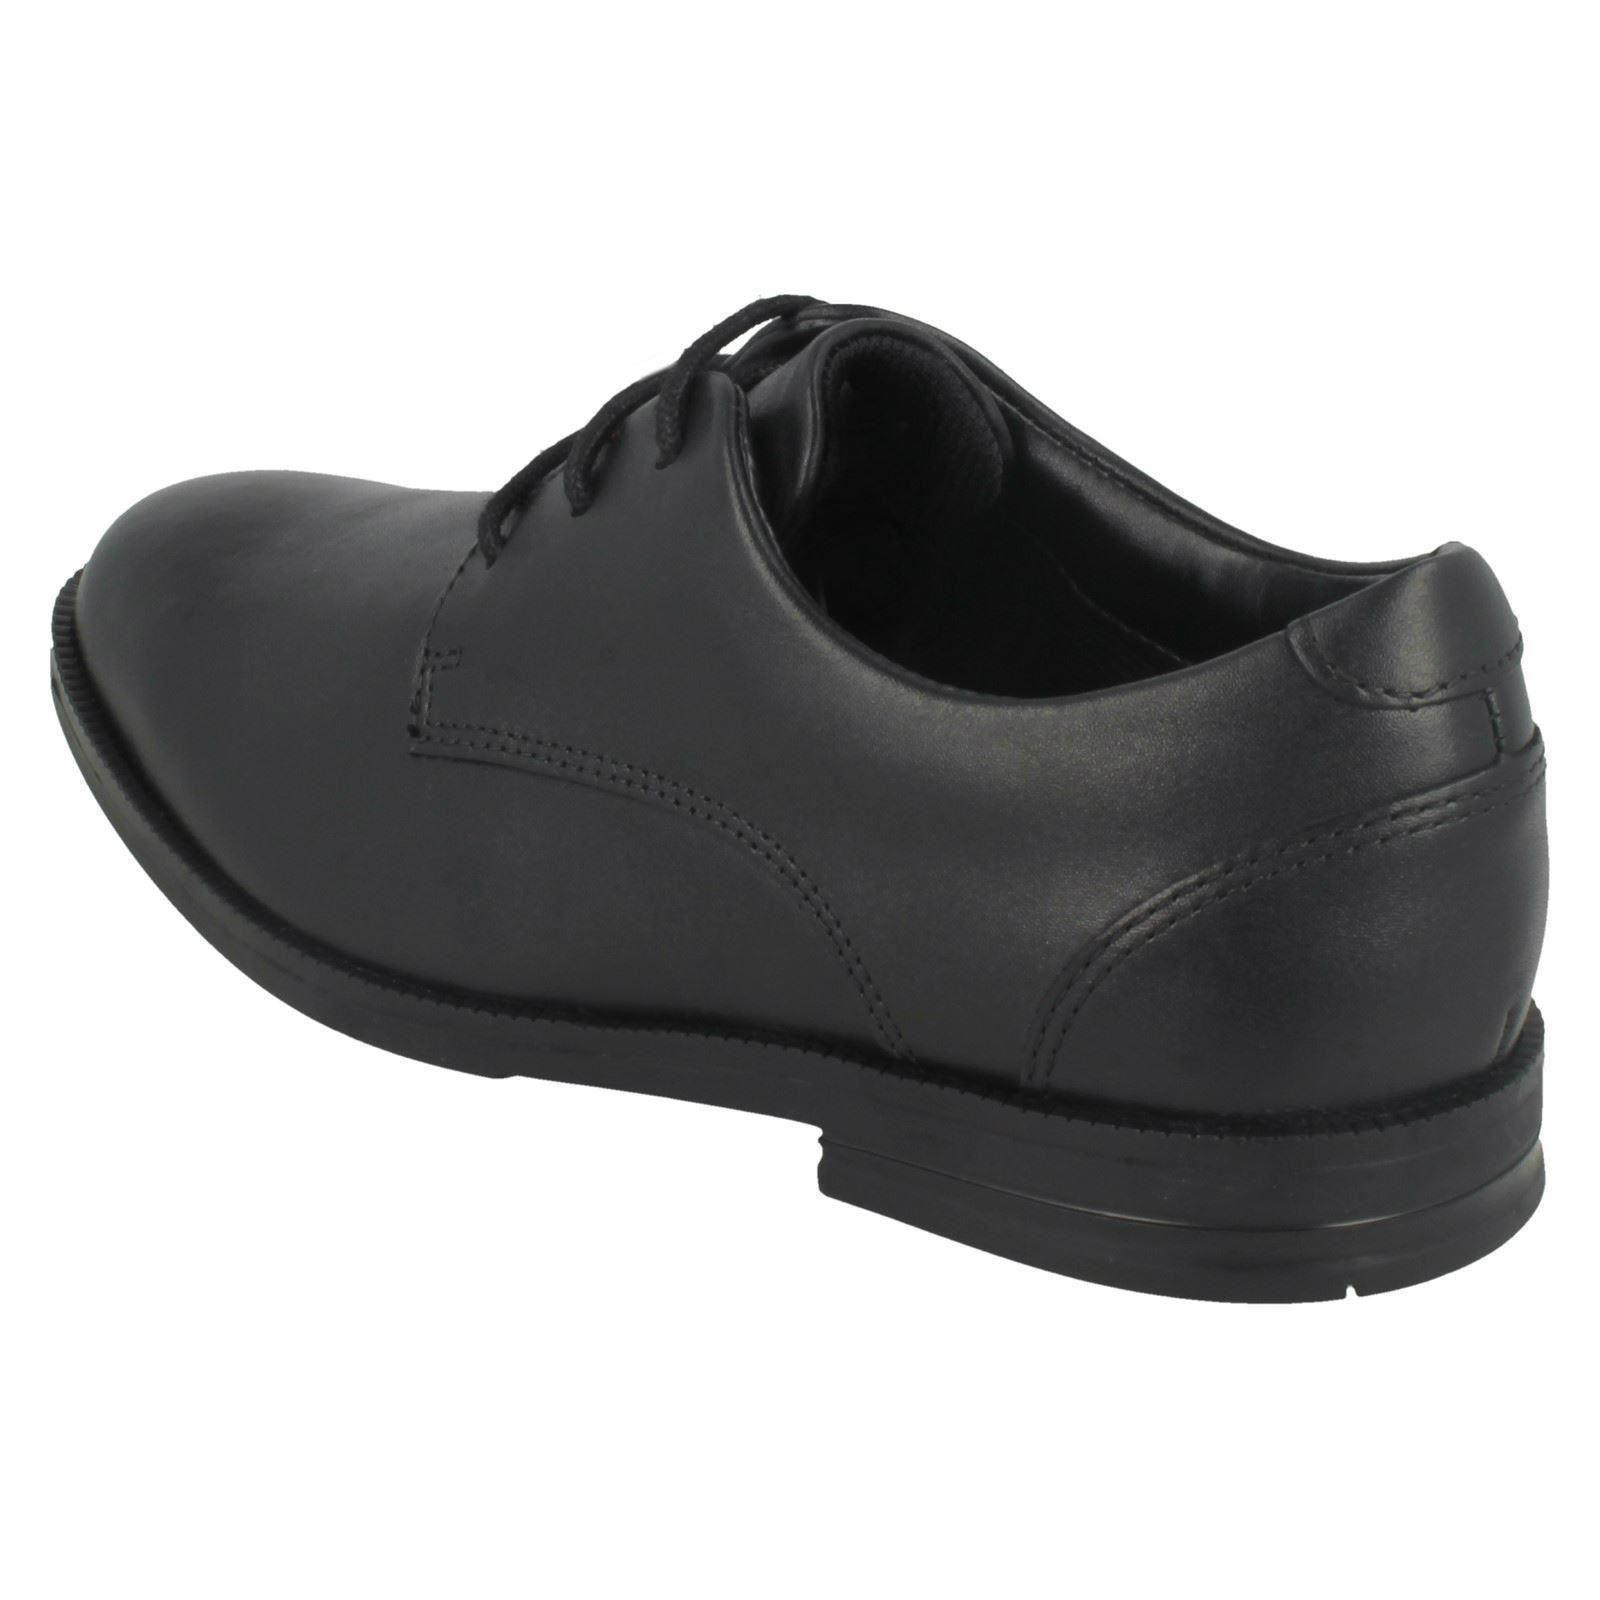 Clarks de cuero Bootleg negro escuela inteligentes punta zapatos Chicos Edge cordones con redondeada de Rufus y 0dpq8